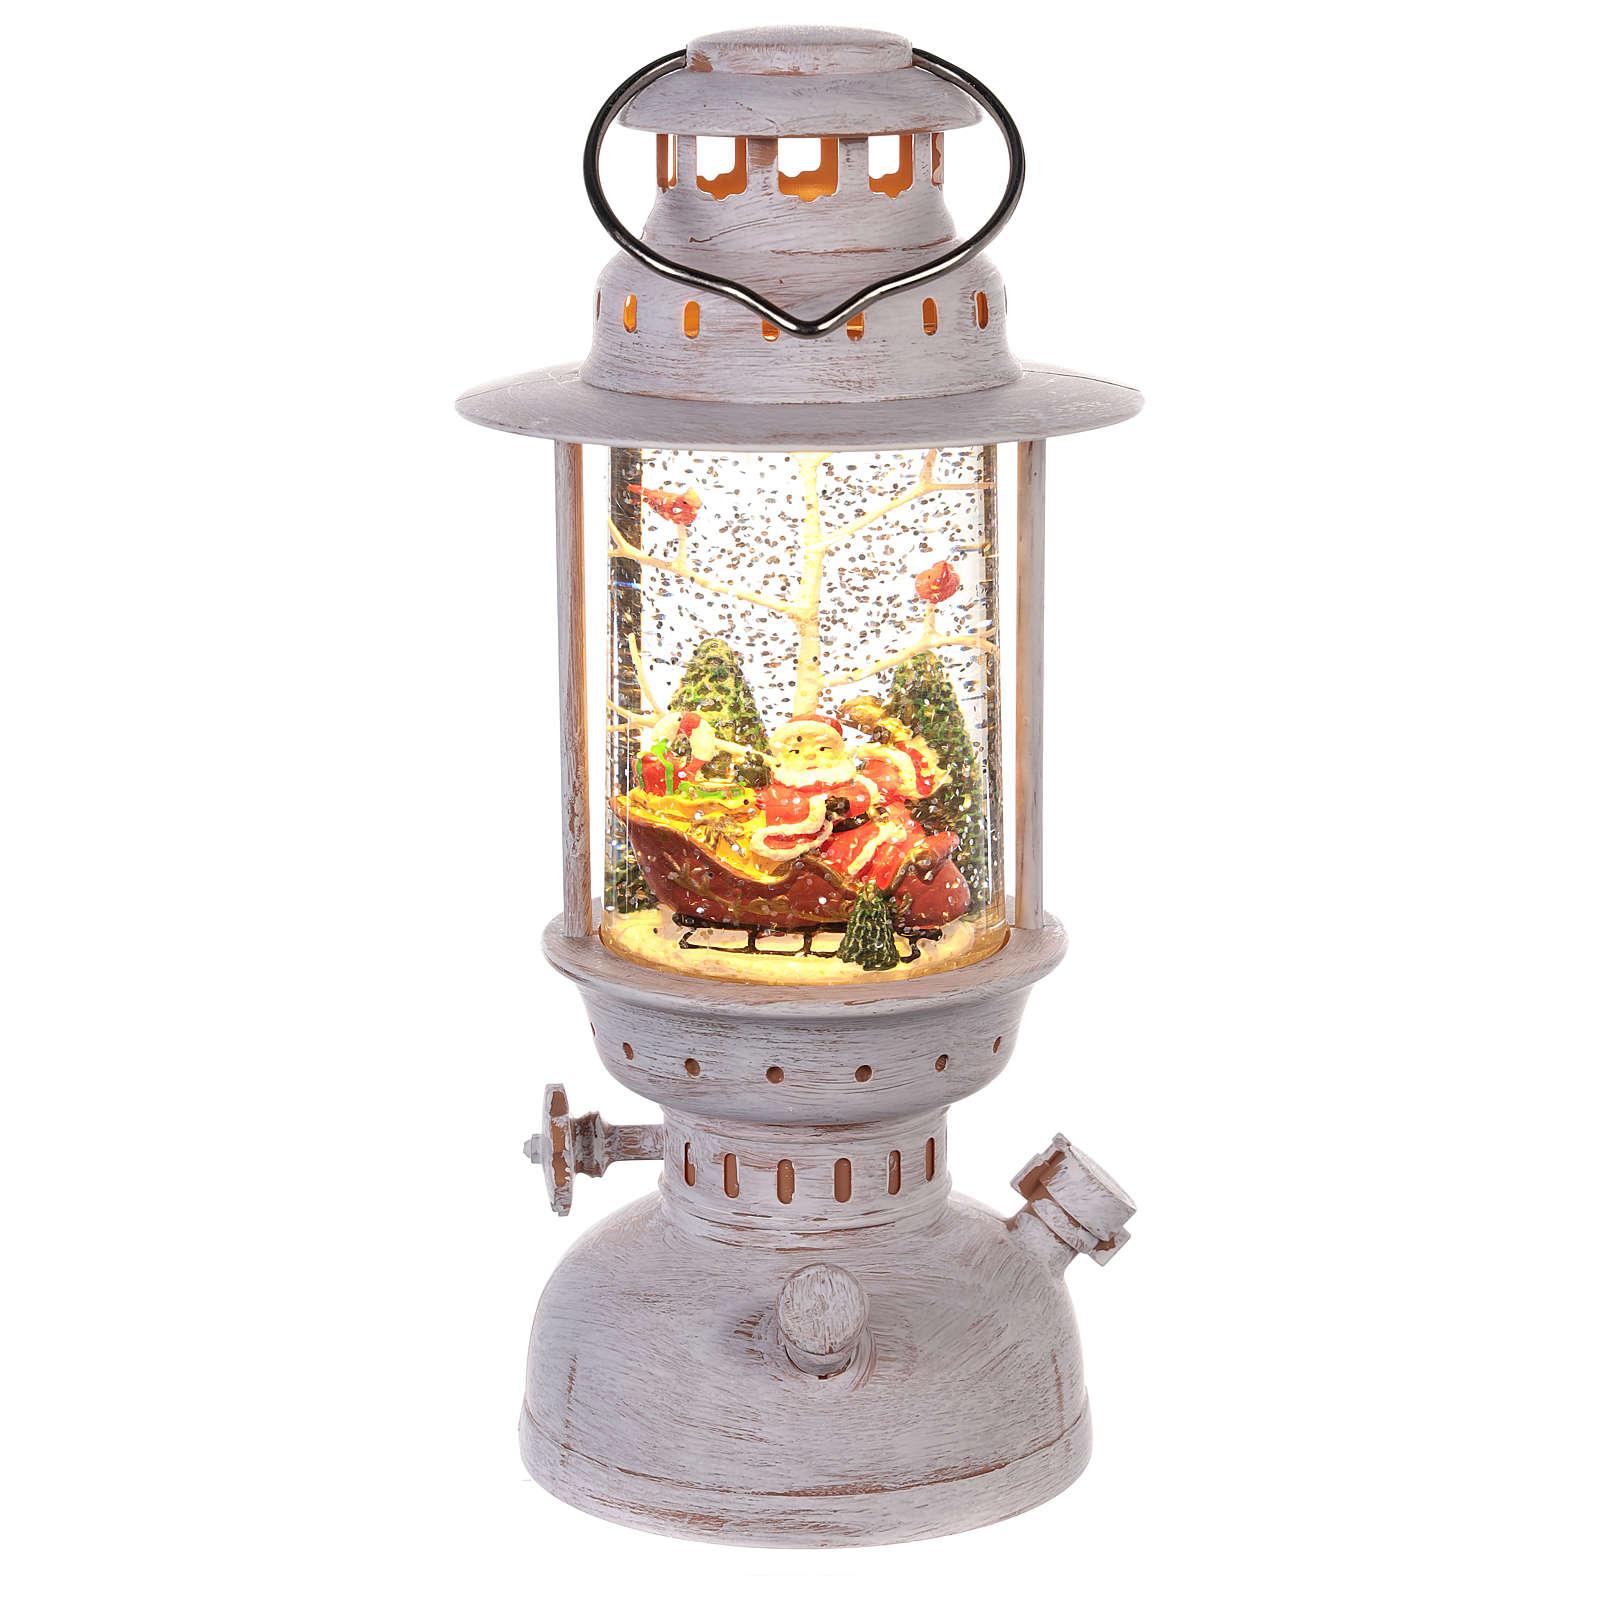 Globo de neve com Pai Natal em forma de lanterna 20x10 cm 3